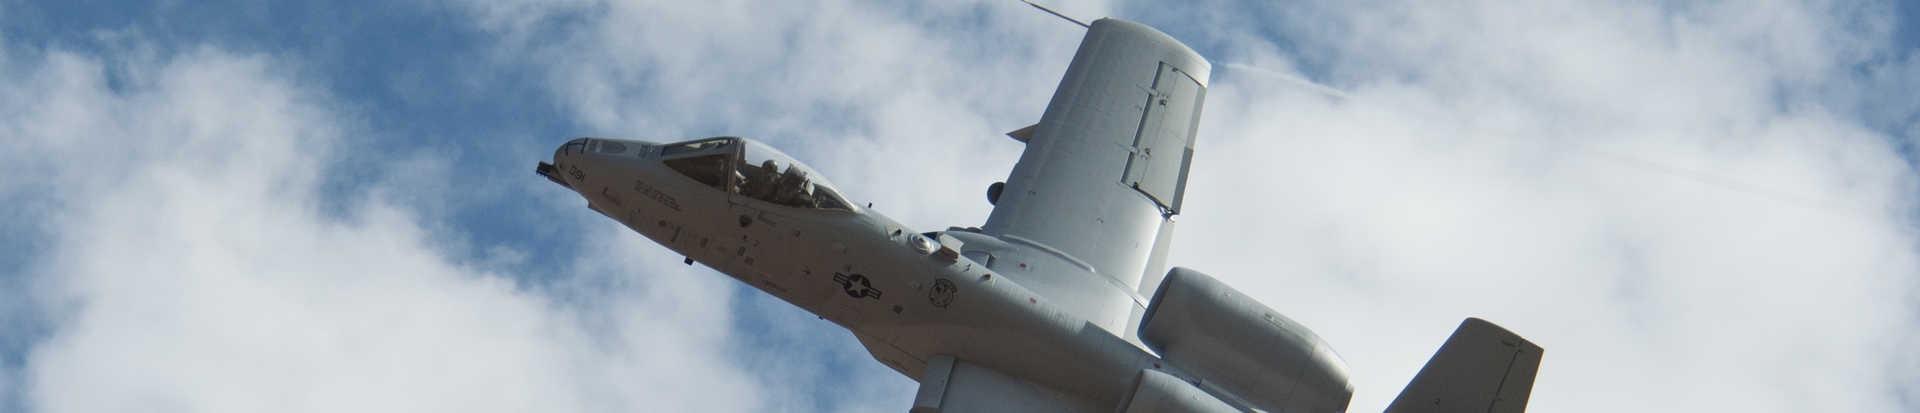 A-10 in flight.